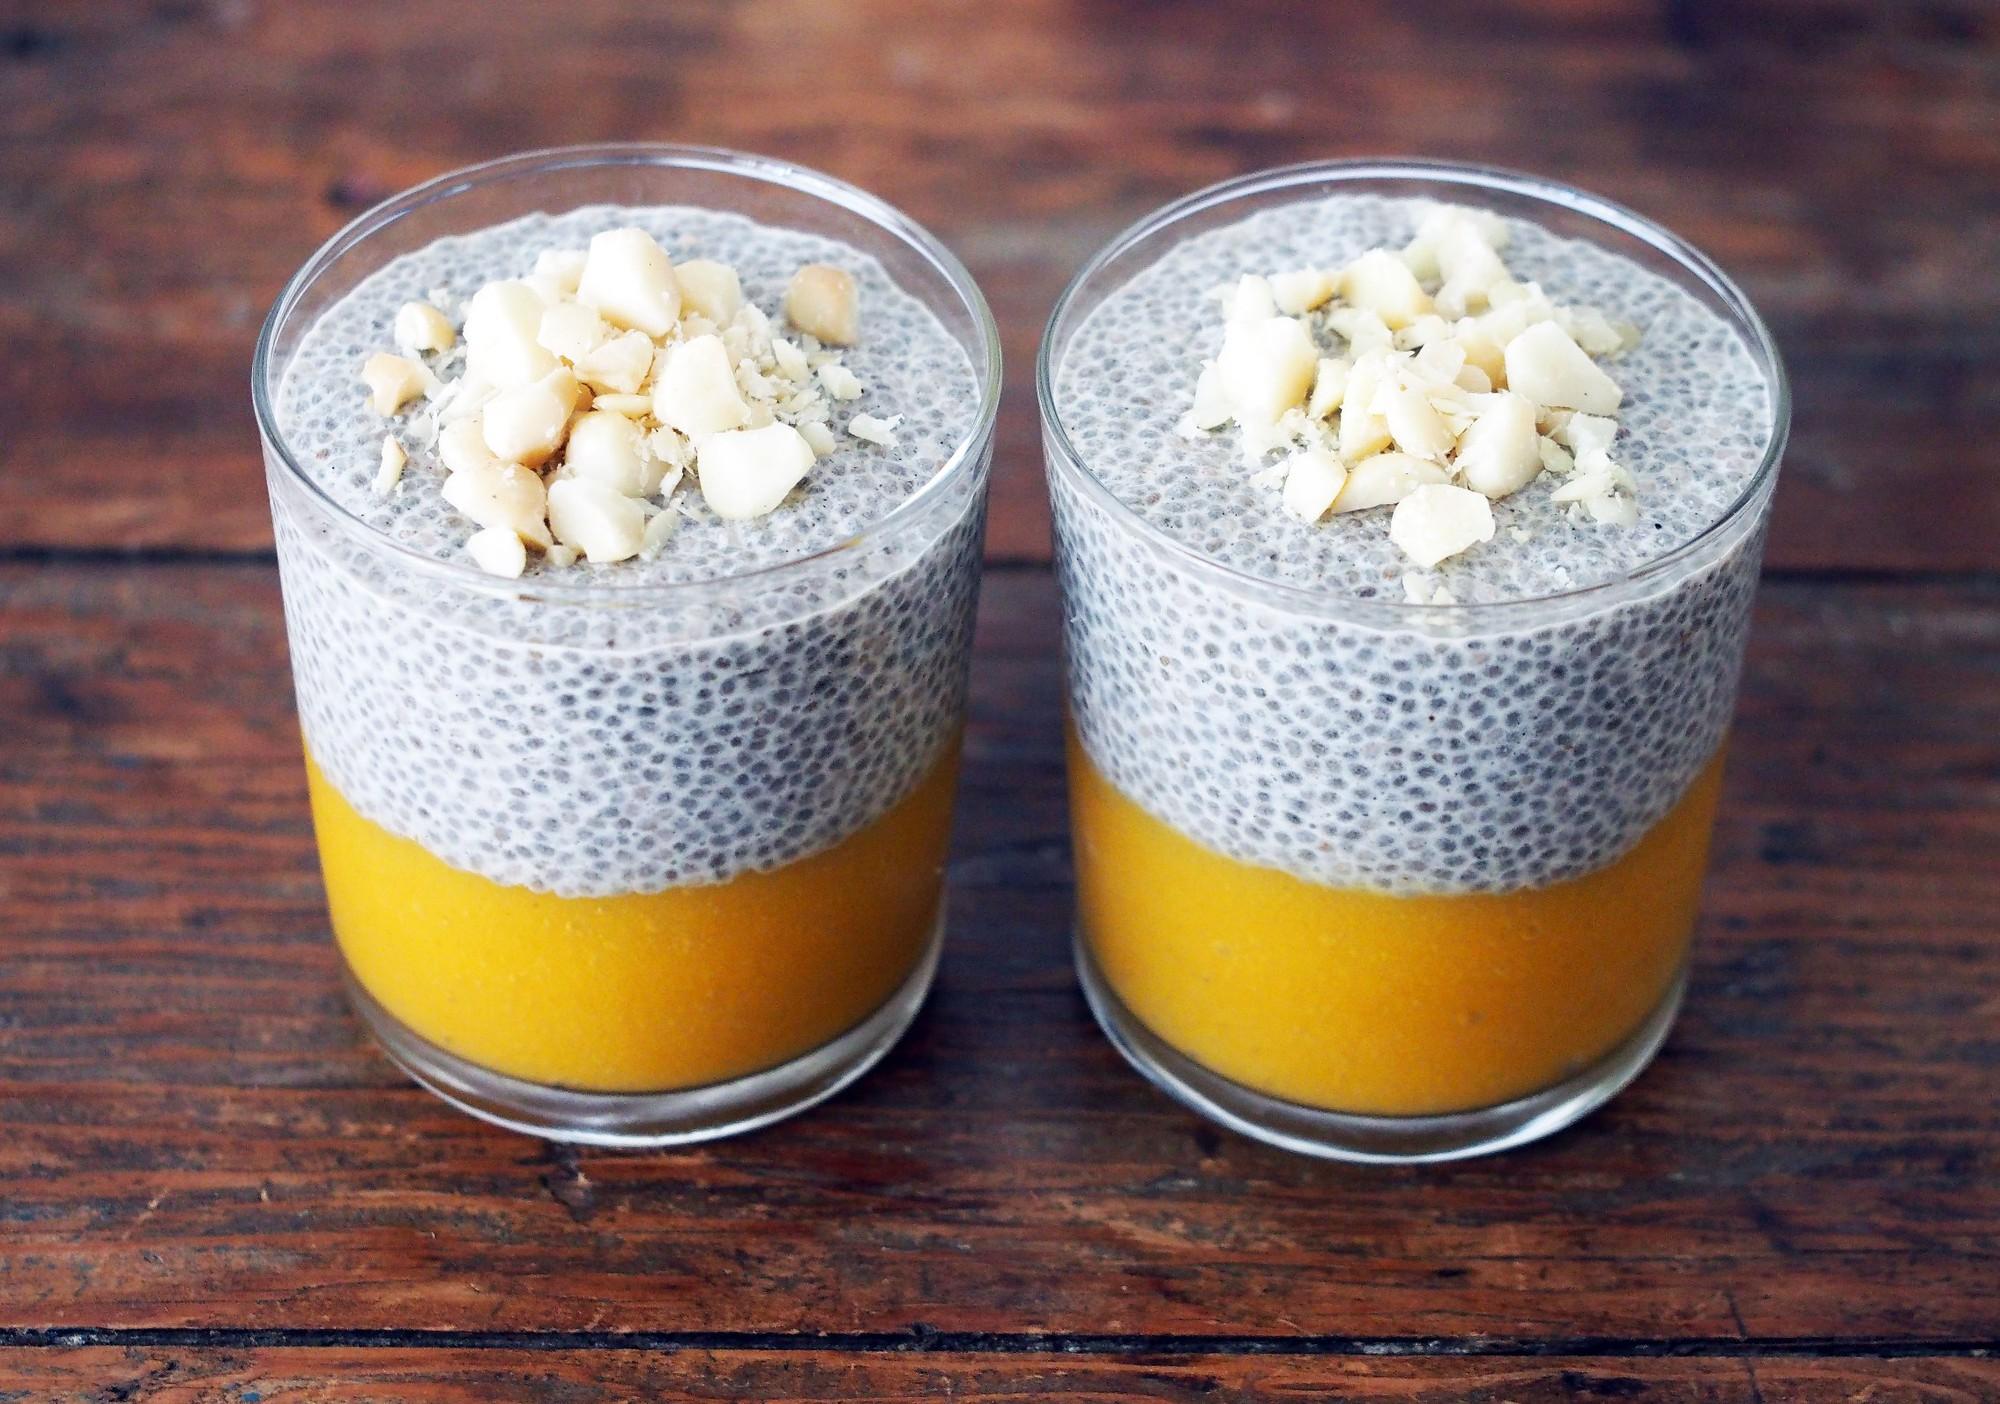 Muốn giảm cân nhanh và an toàn cho sức khỏe, hãy thường xuyên bổ sung những thực phẩm này - Ảnh 2.